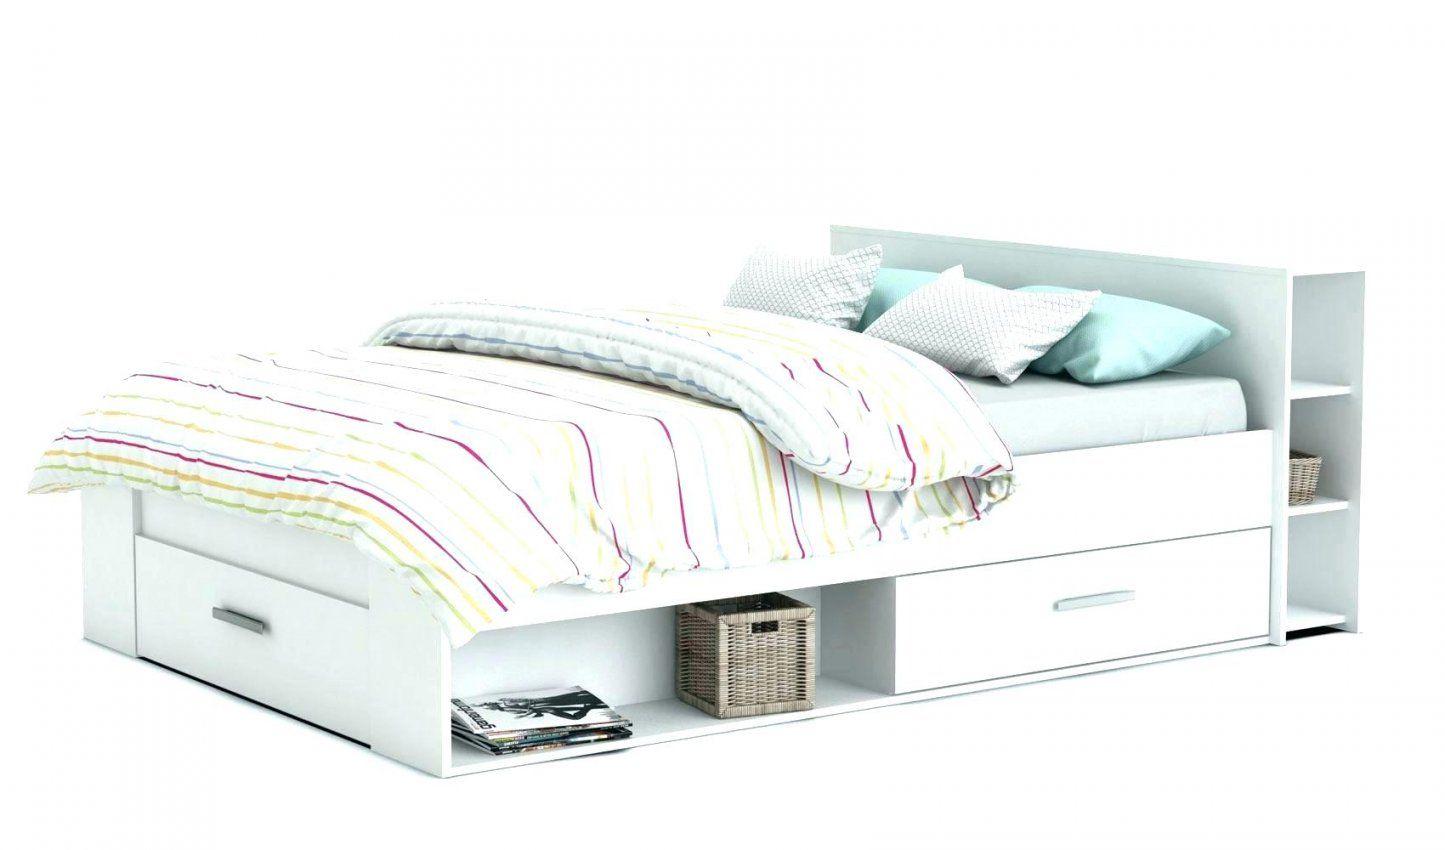 Ikea Bett Weiss Jugendbett 120×200 Weis Hochglanz Otto Mit Matratze von Bett Weiß 120X200 Ikea Bild